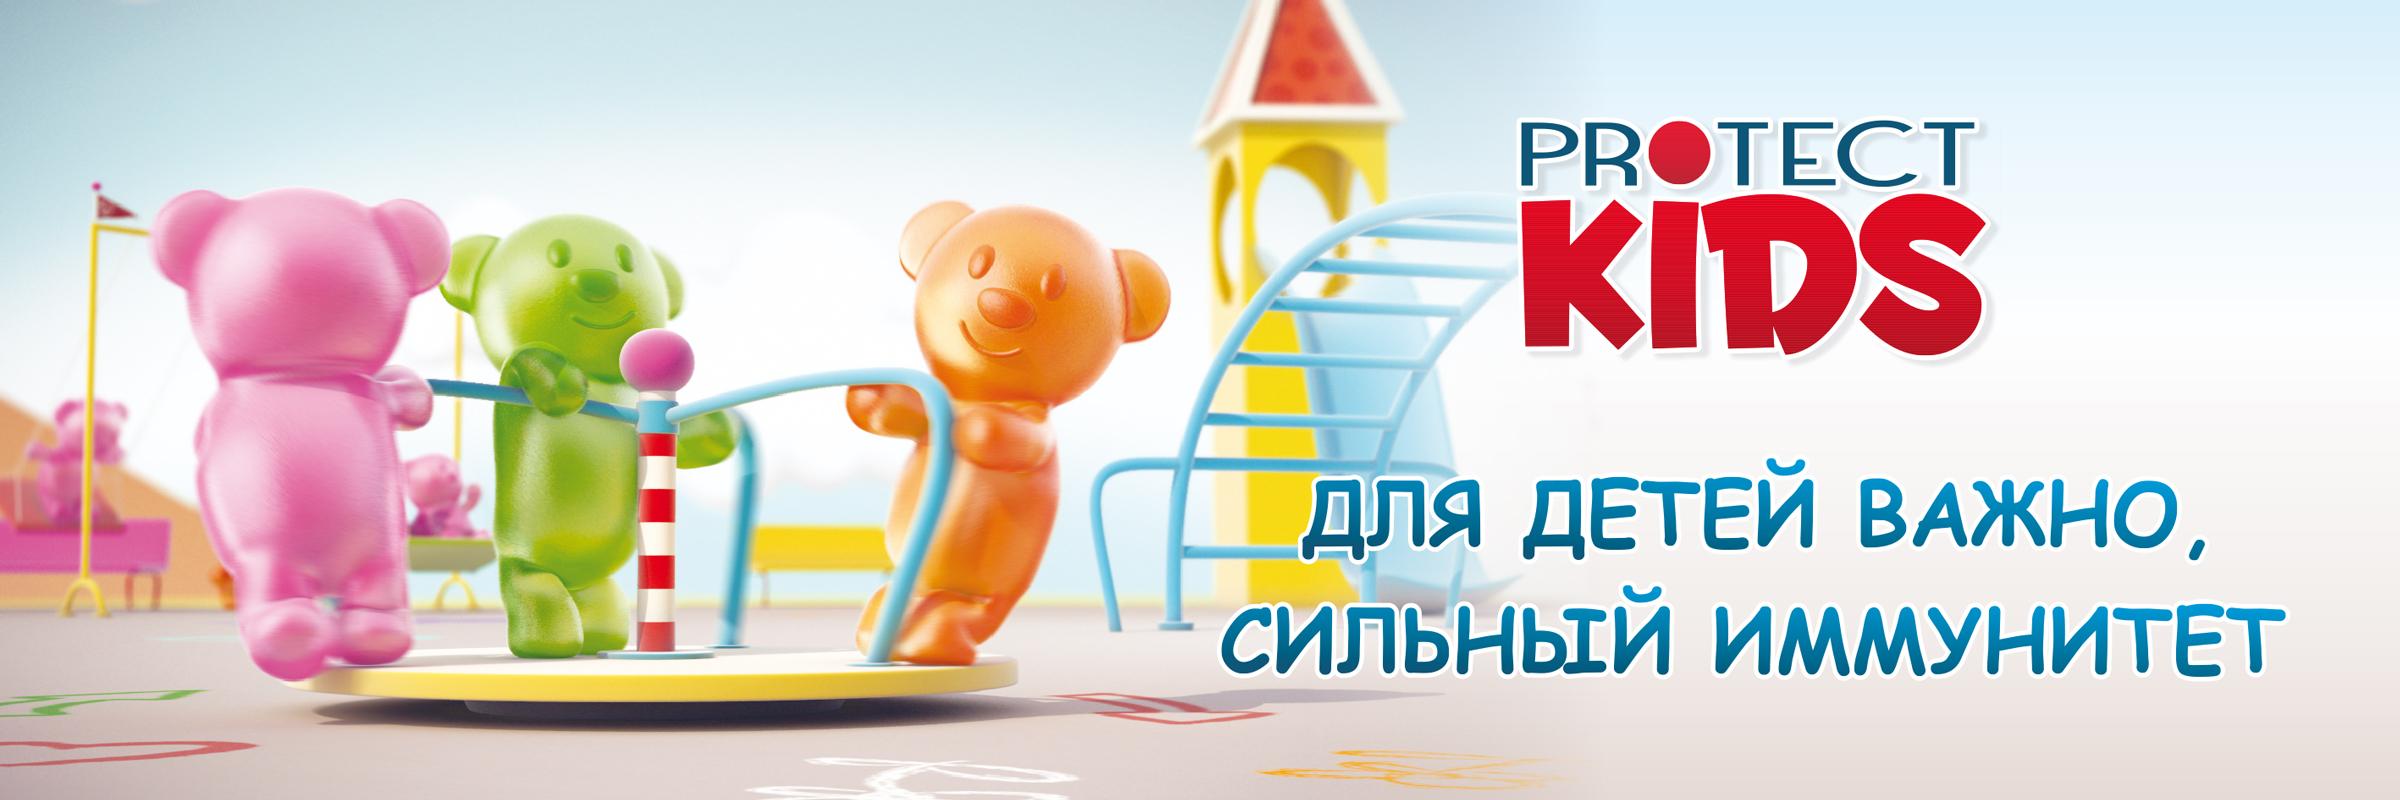 Протект kids